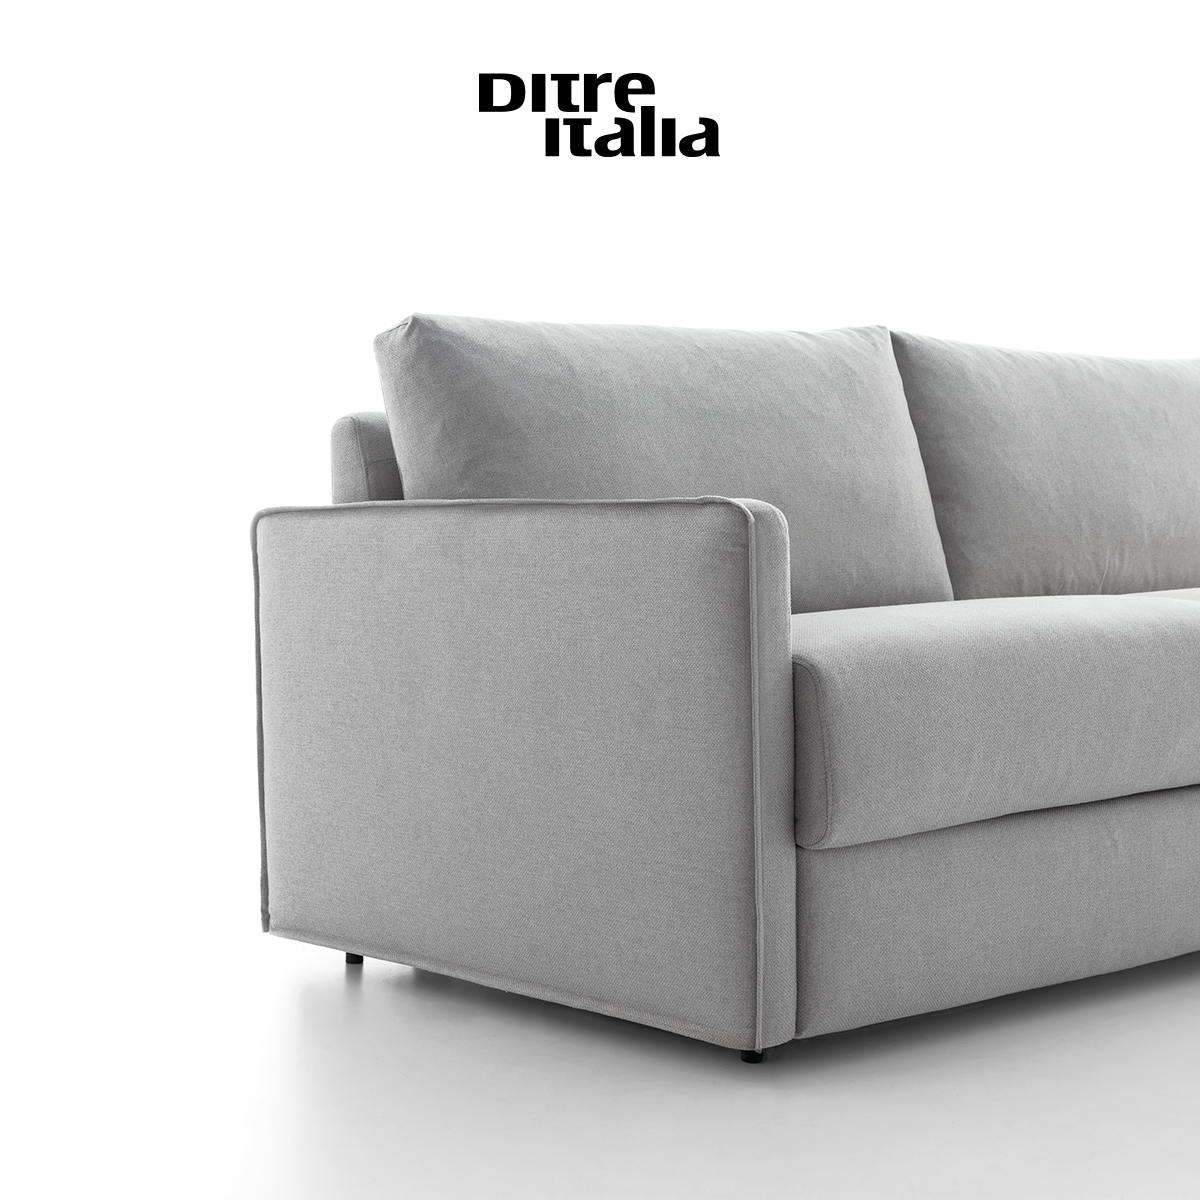 Letti e letti imbottiti Ditre Italia Sofa, Love seat, Bed